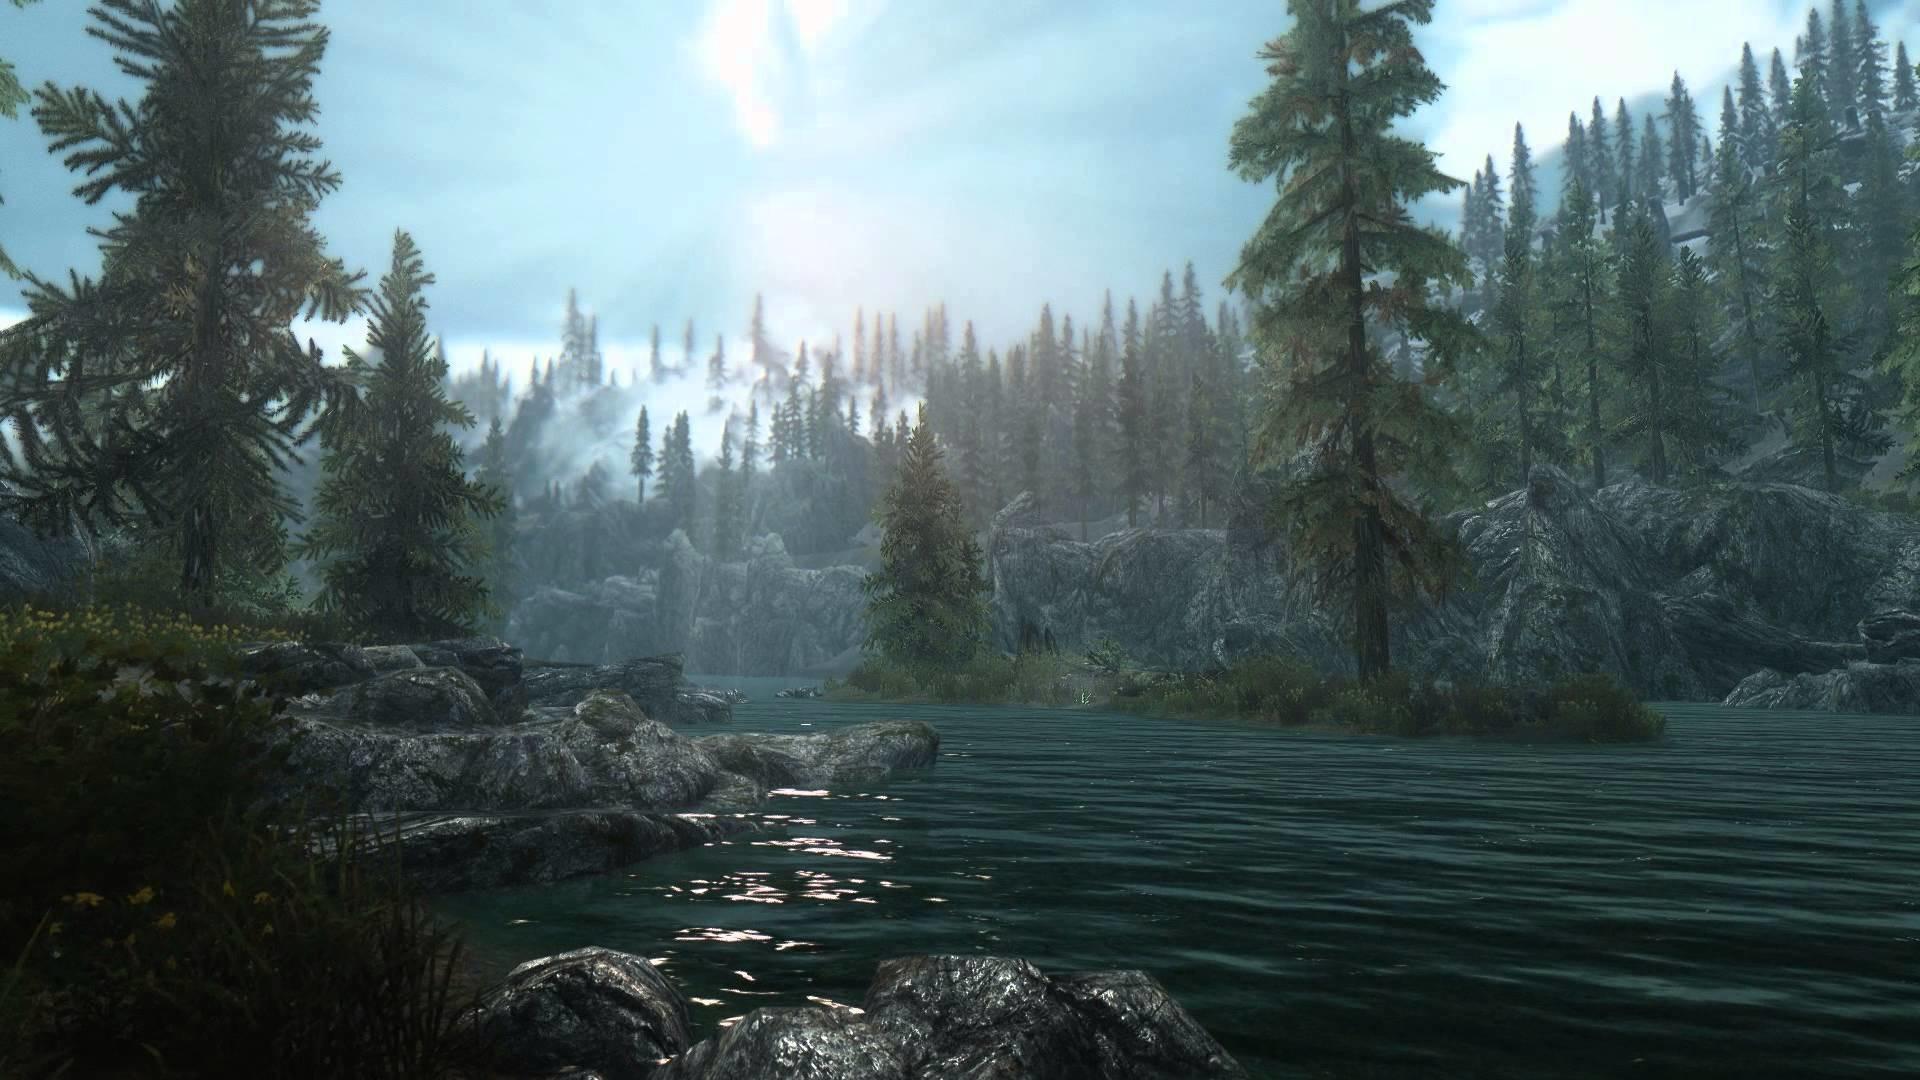 Elder Scrolls V Skyrim – Heavily Modded Scene 2 – [Live Wallpaper] – (1080p)  – YouTube